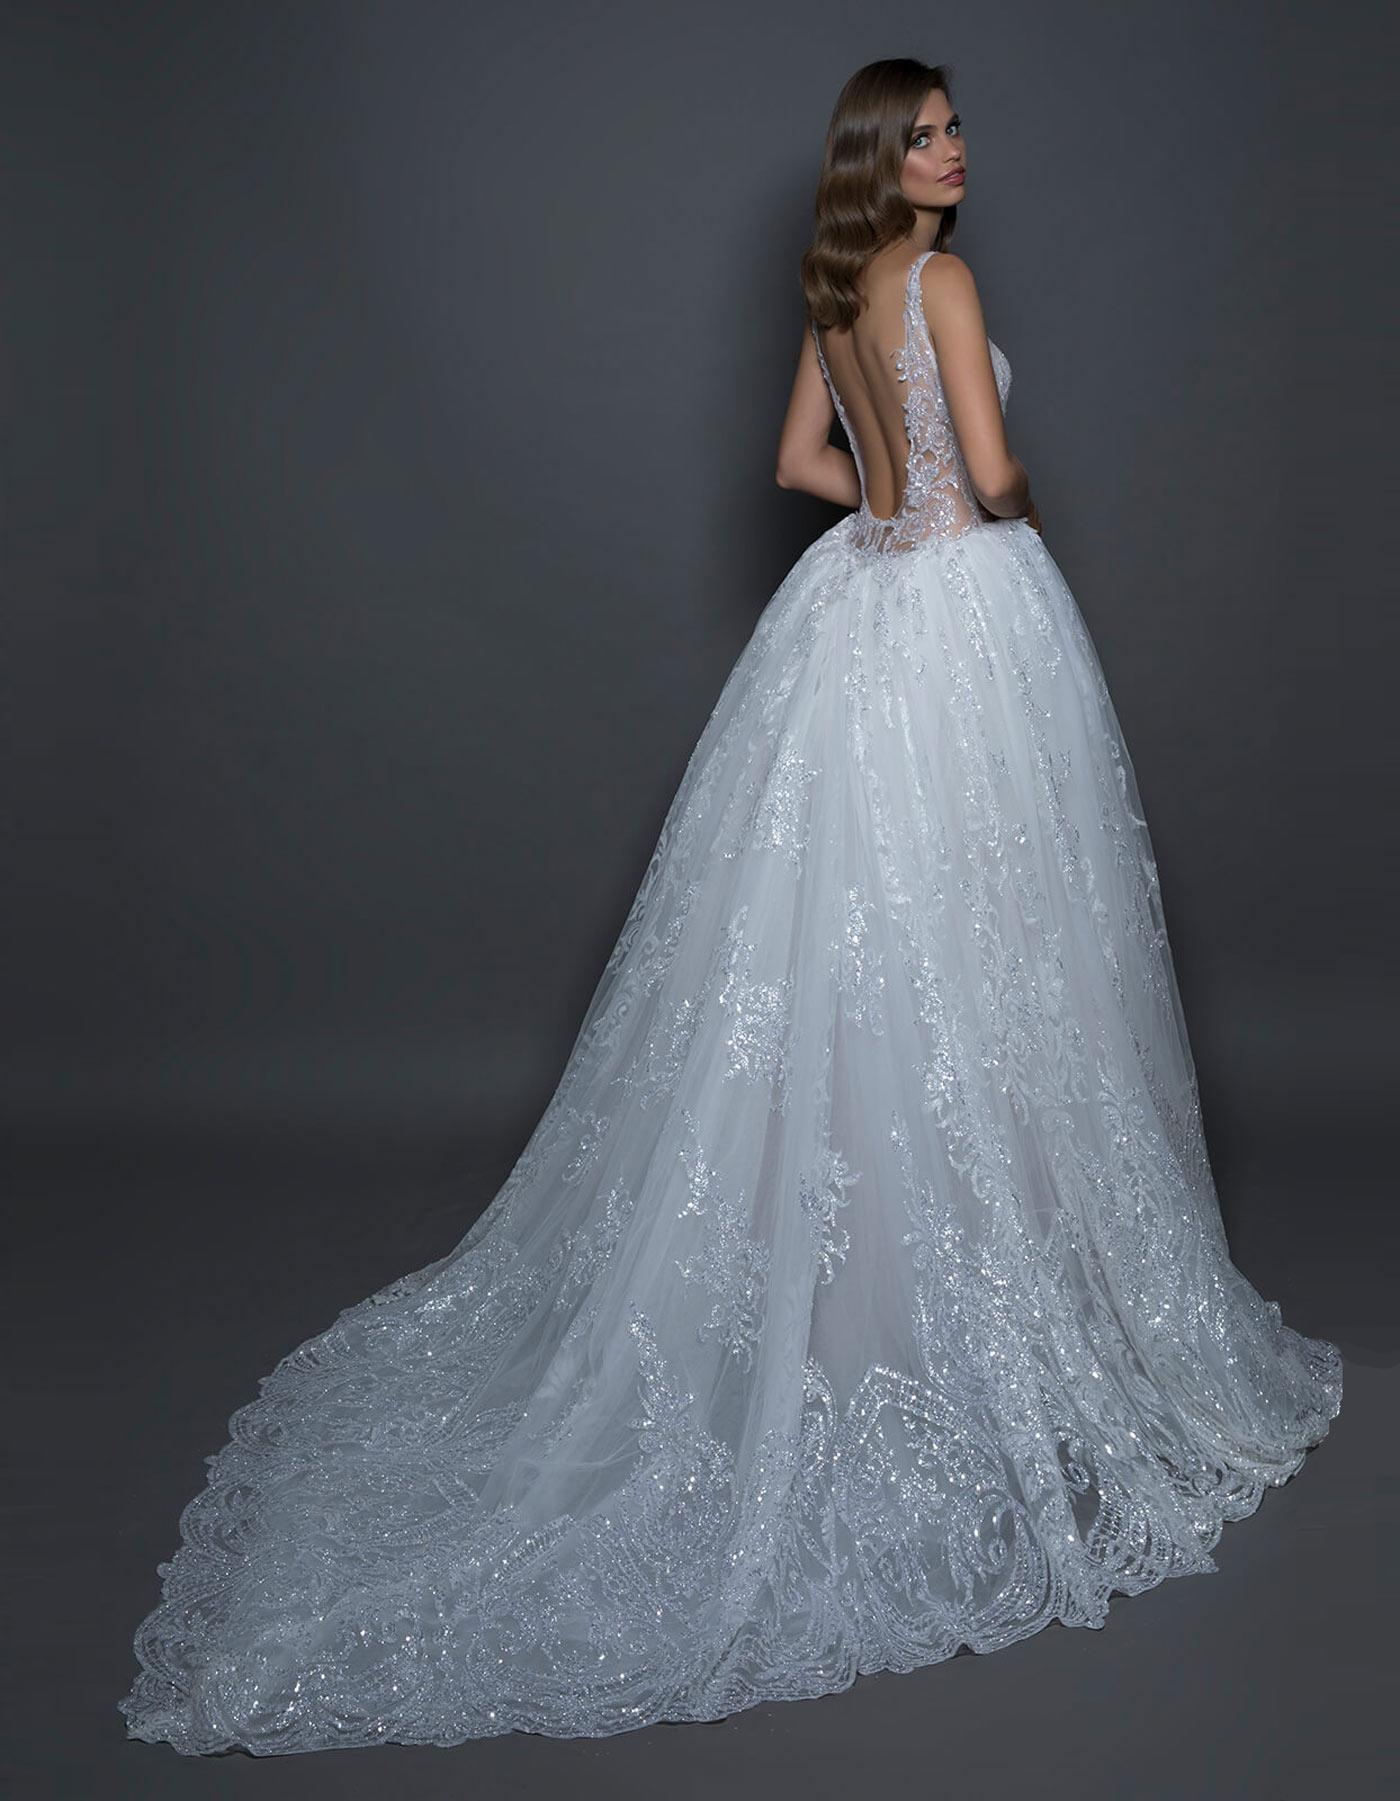 Glitter ball gown wedding dress | 14606 by Pnina Tornai Love